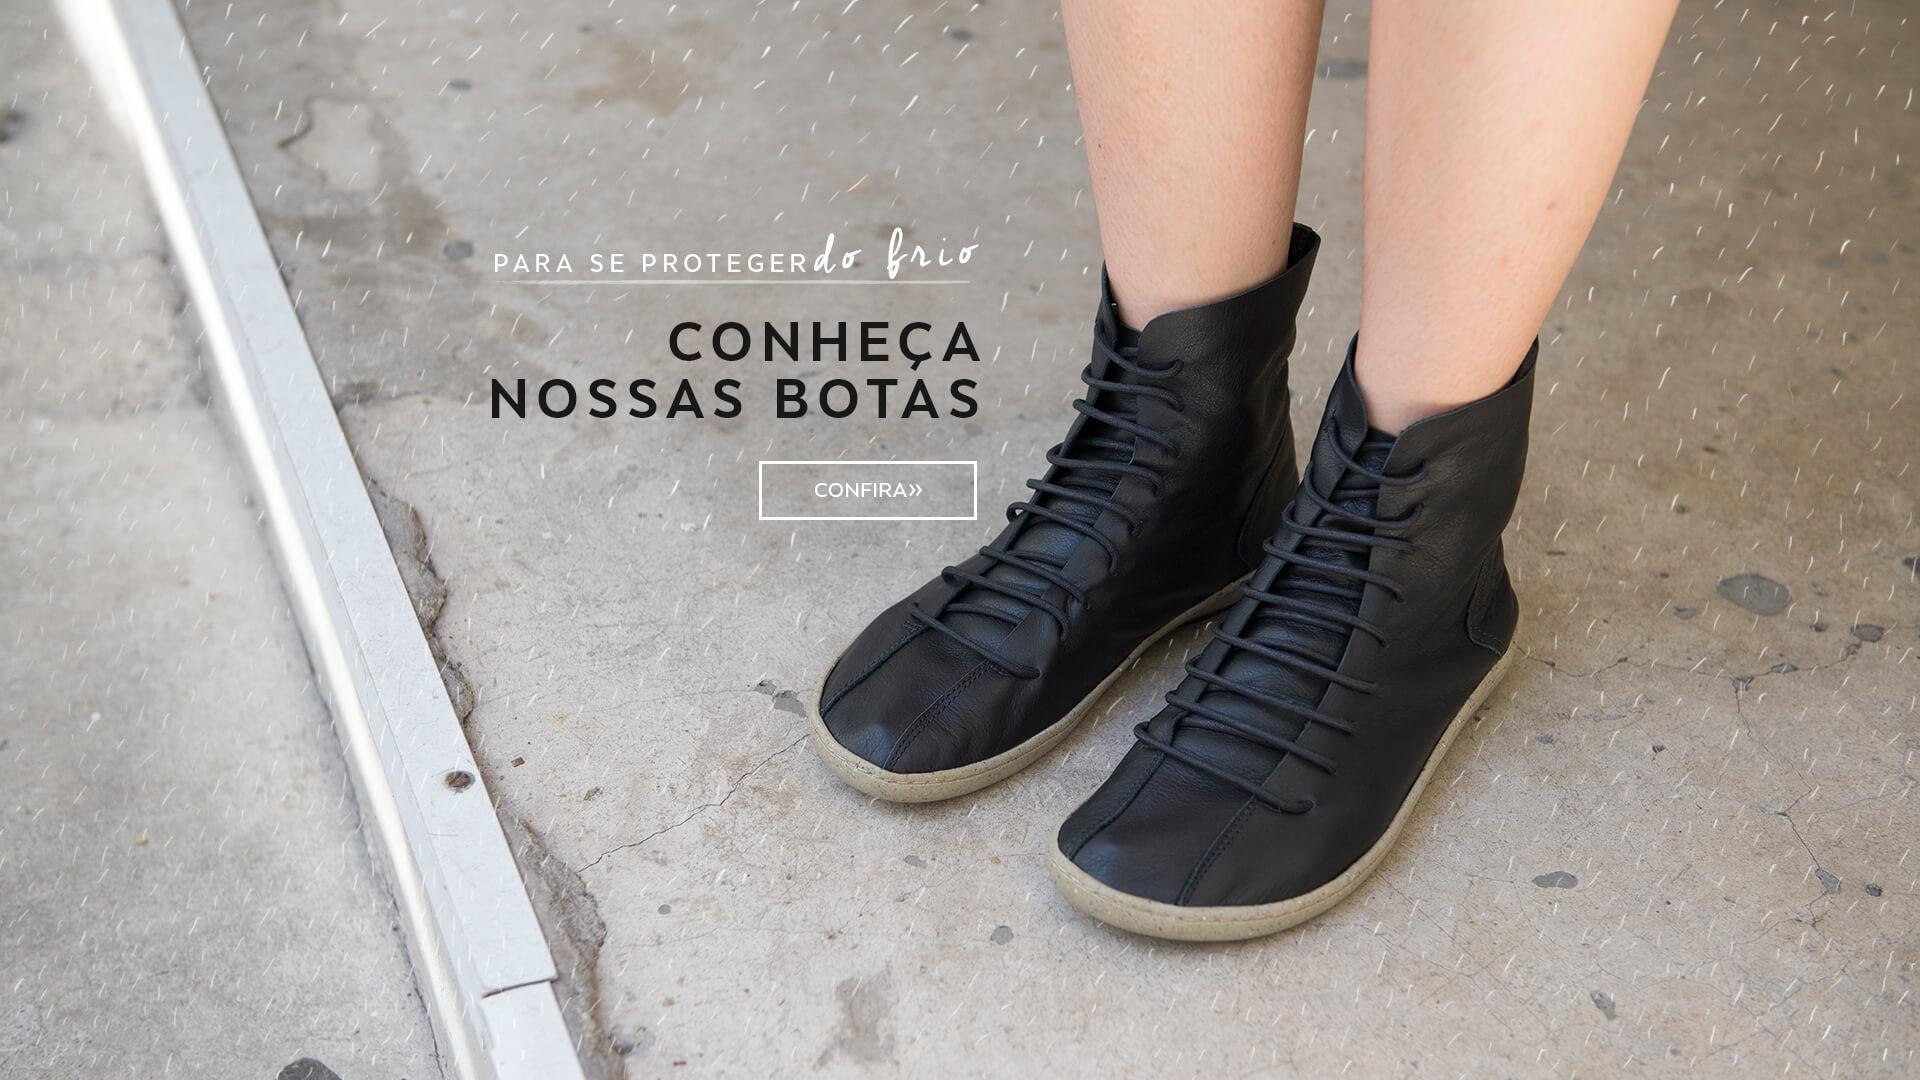 Conheça nossas botas